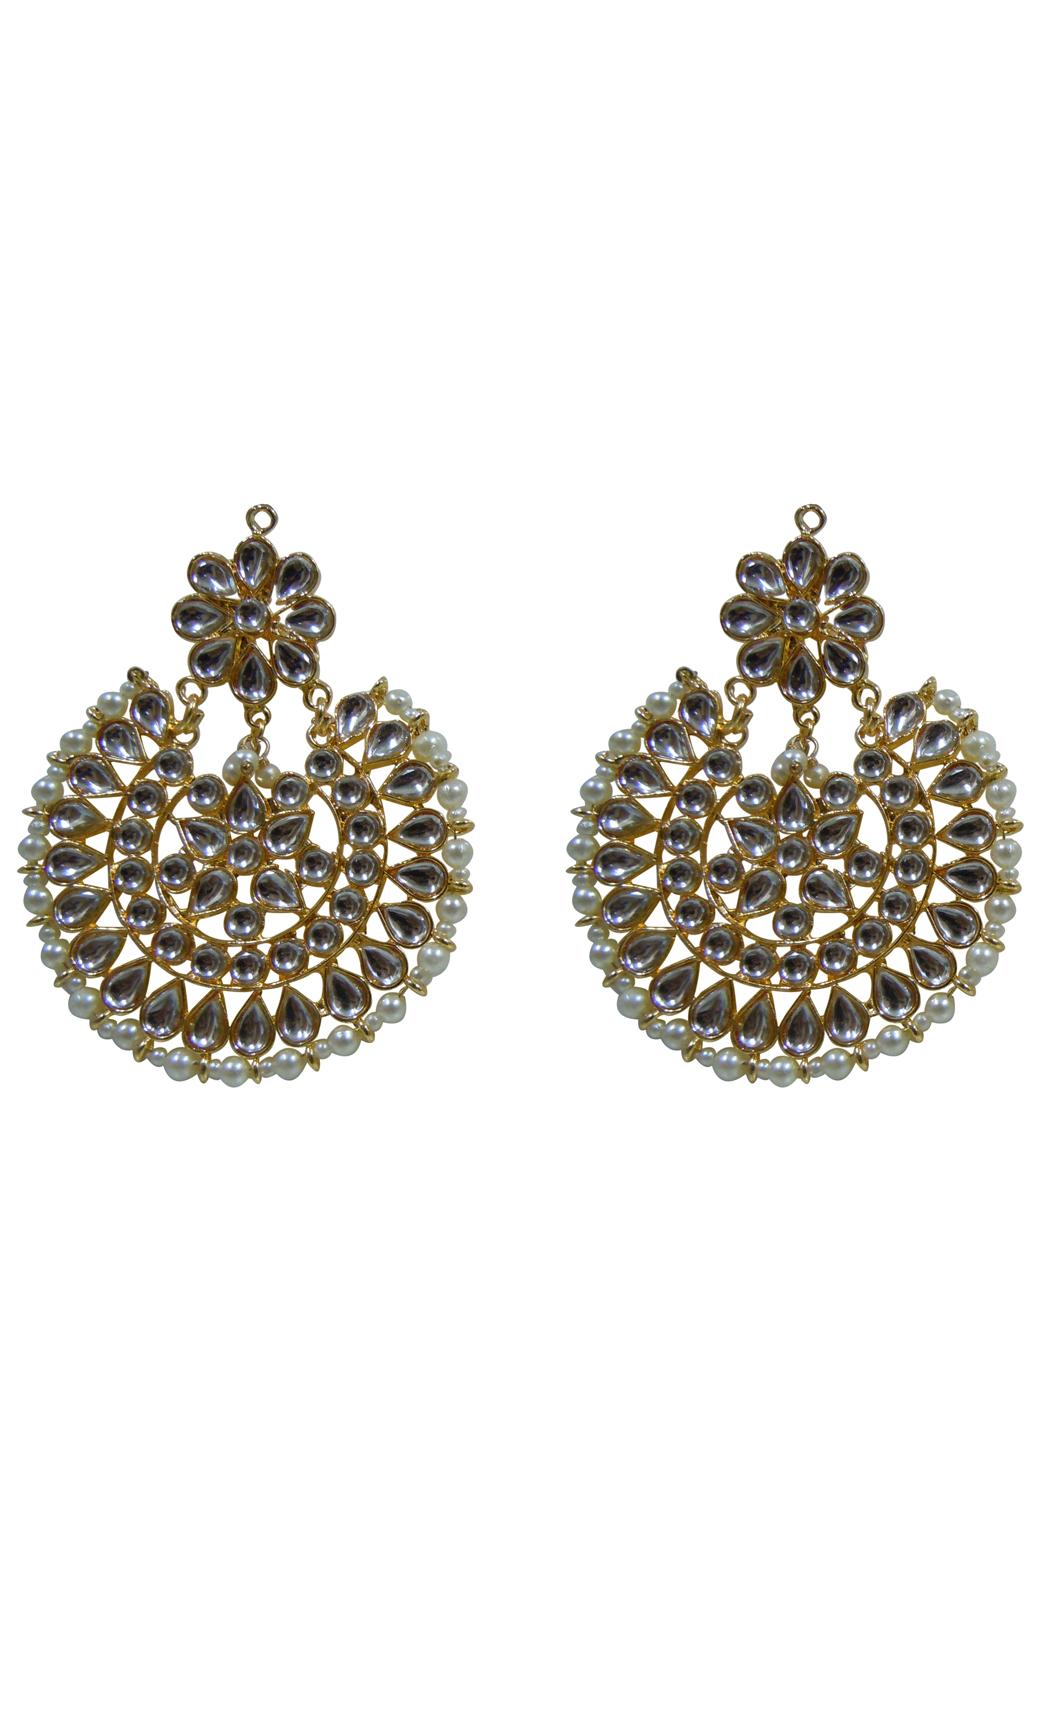 Gold Embellished Earrings - Shop Online